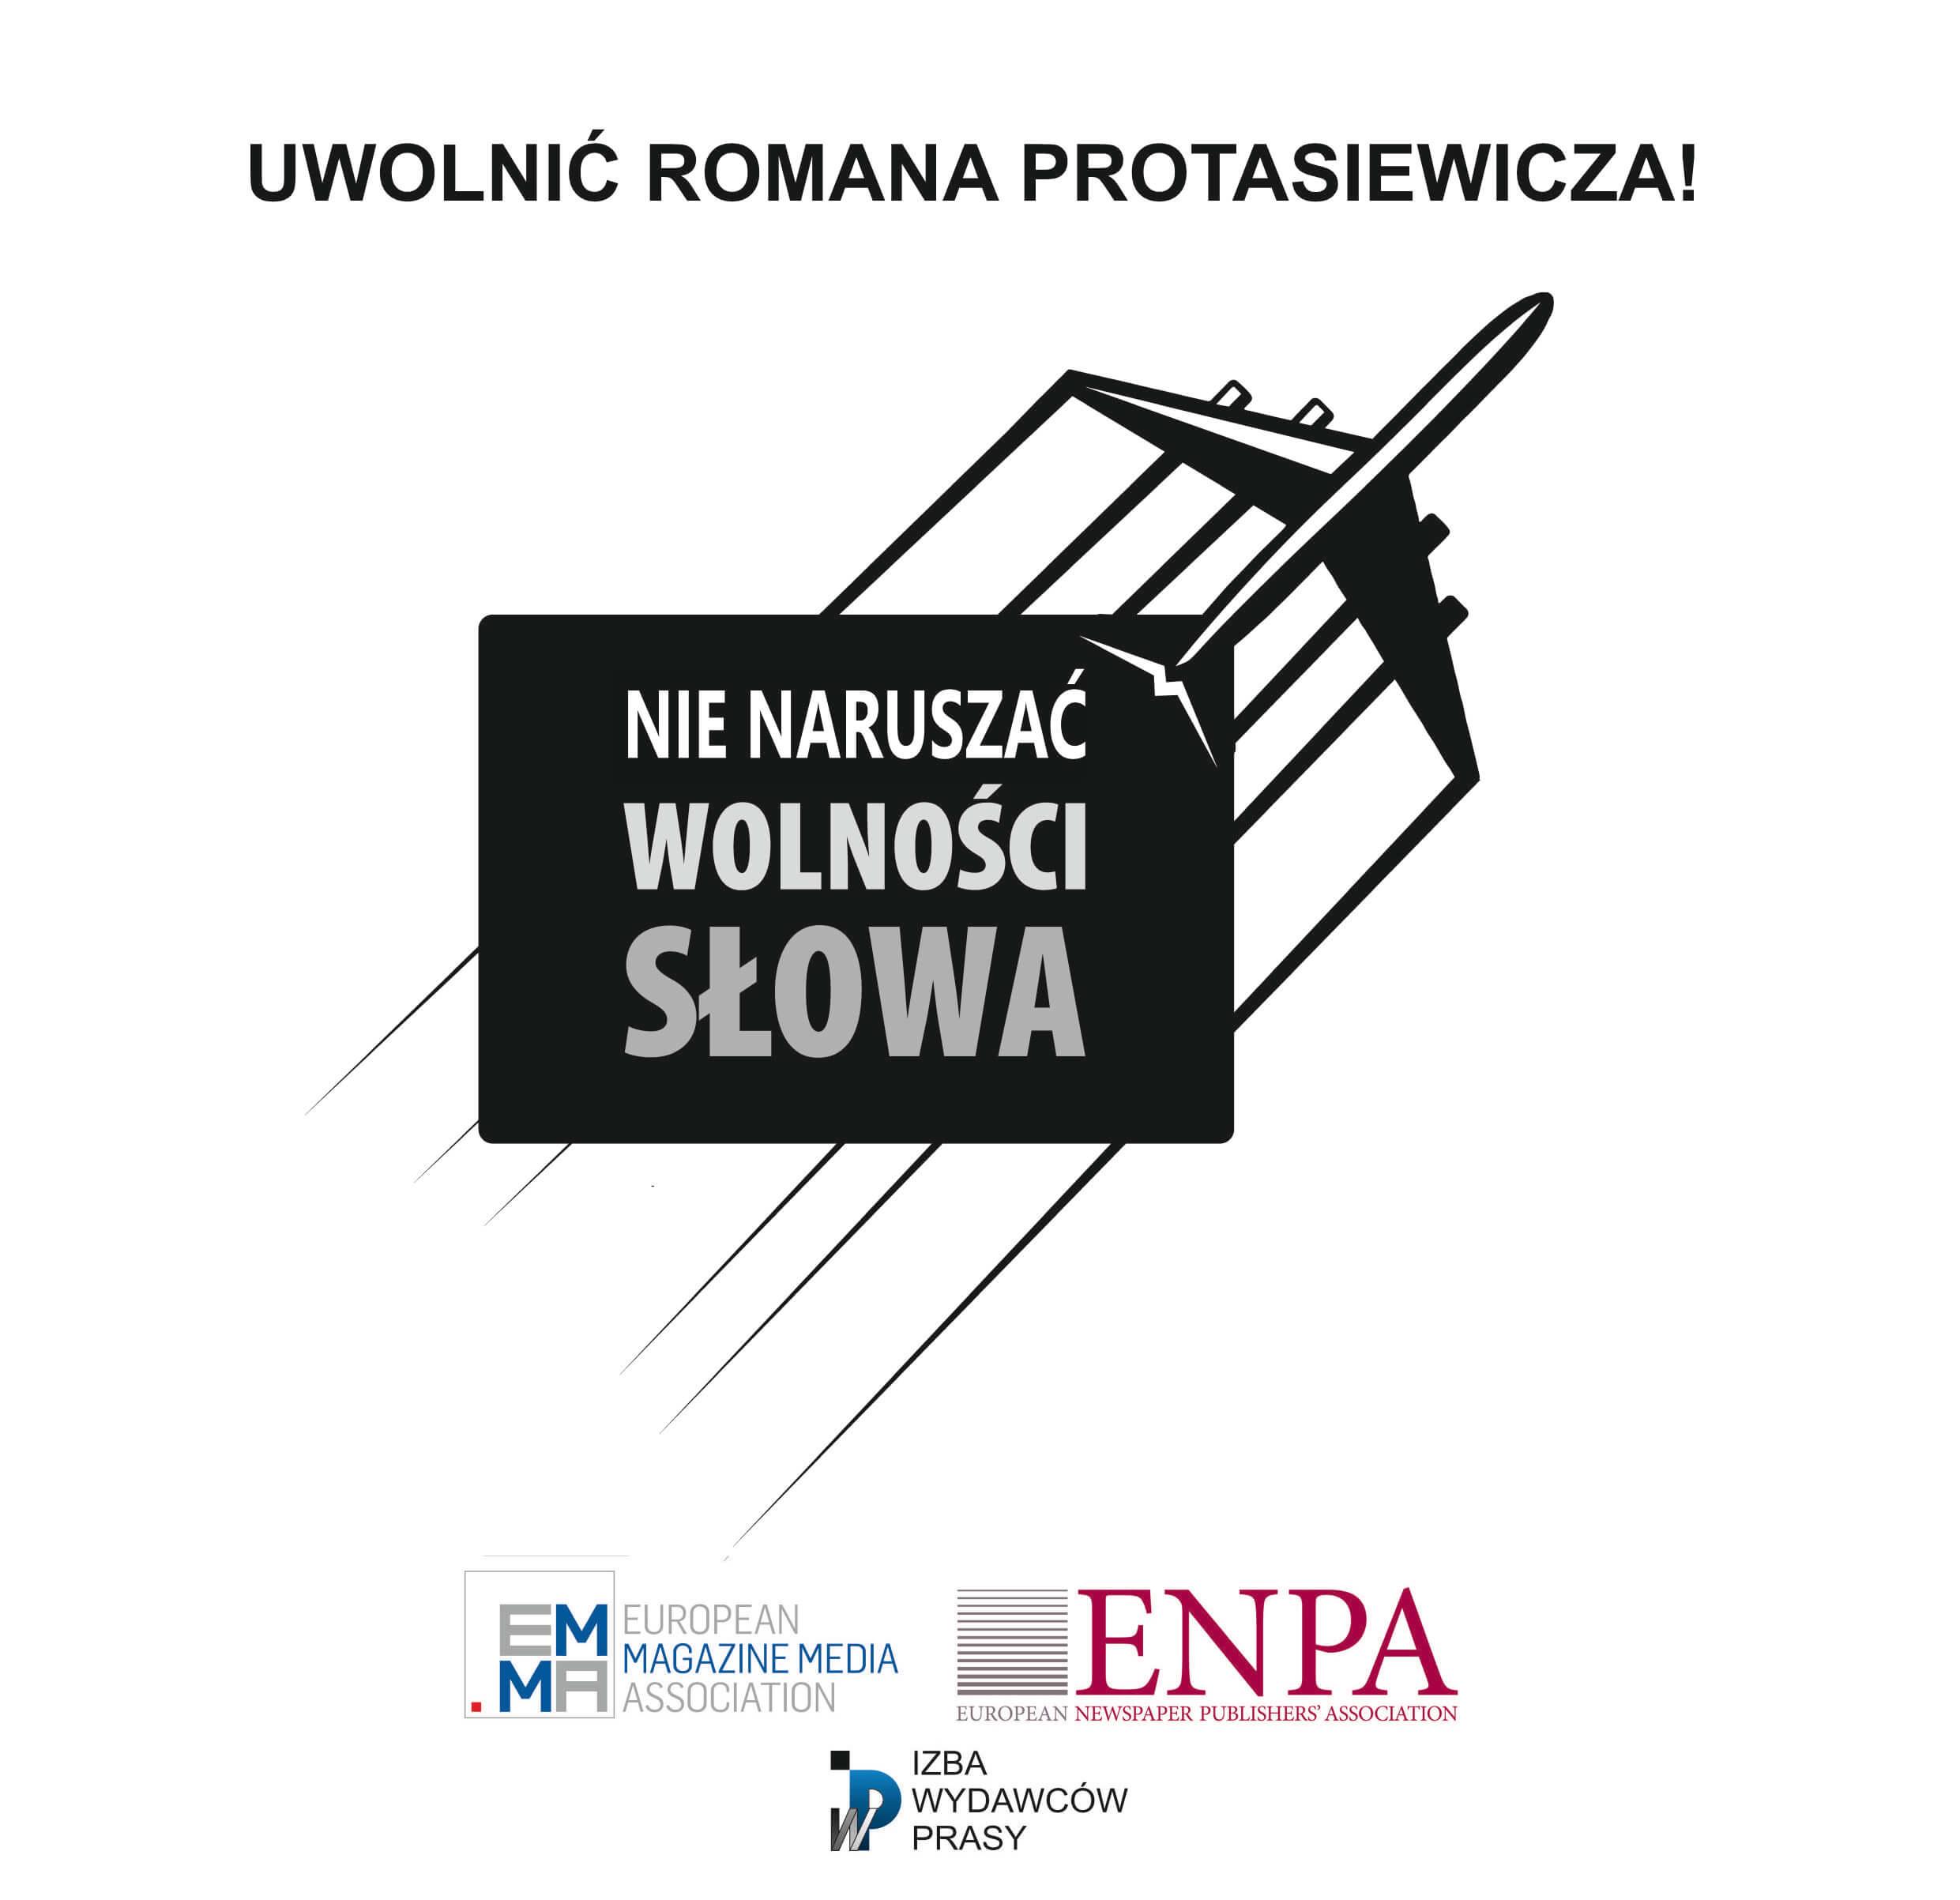 Apel Izby Wydawców Prasy: - Uwolnić Romana Protasiewicza! - Zdjęcie główne